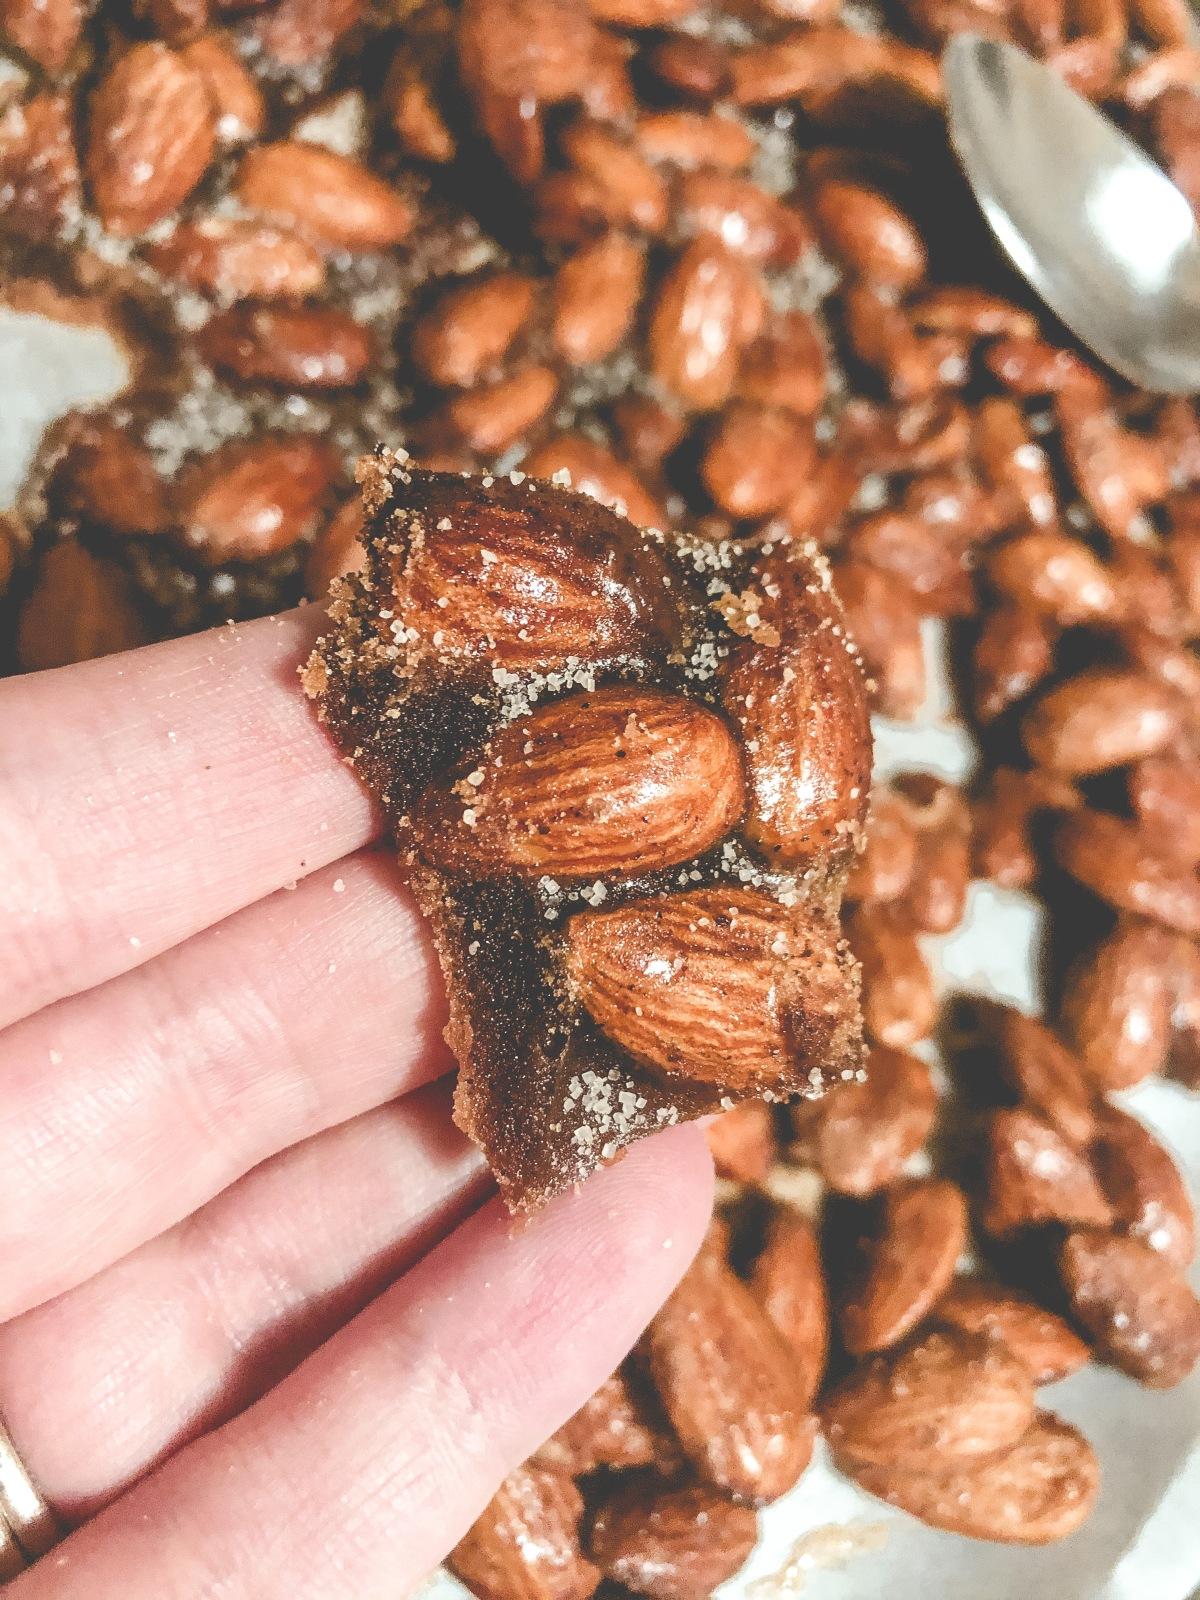 My recipe for Crunchy, cinnamon-SugarAlmonds